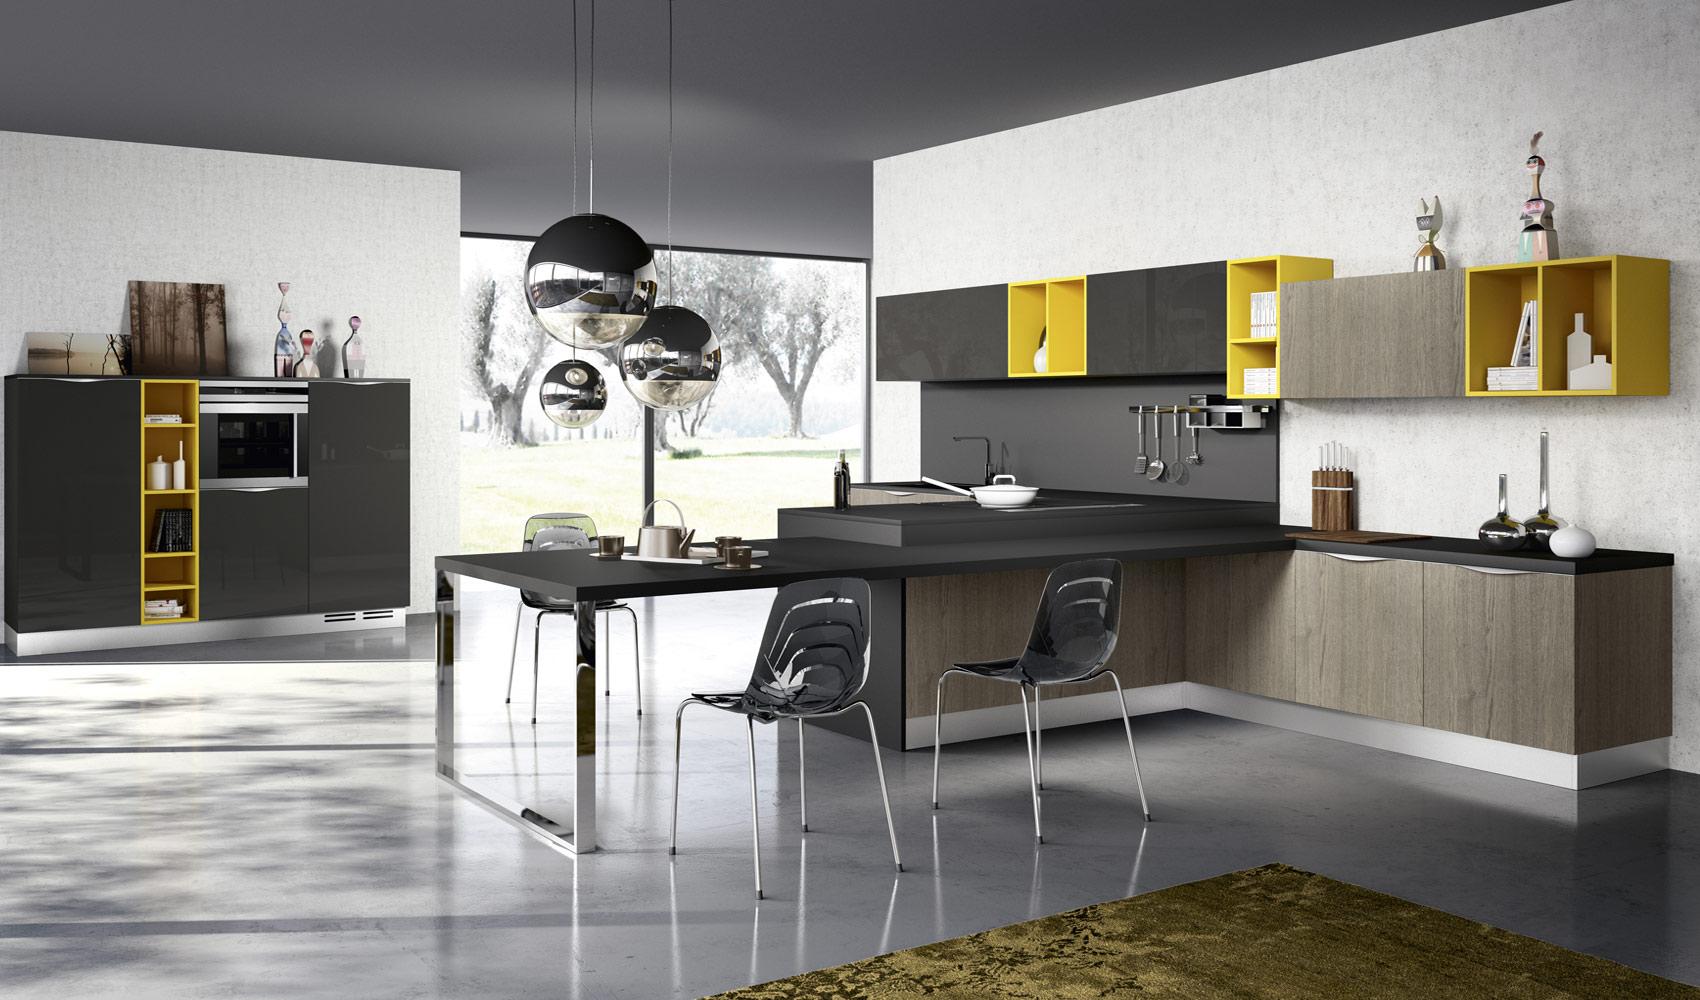 Серый кухонный гарнитур Arredo3 с ярко-жёлтыми вставками